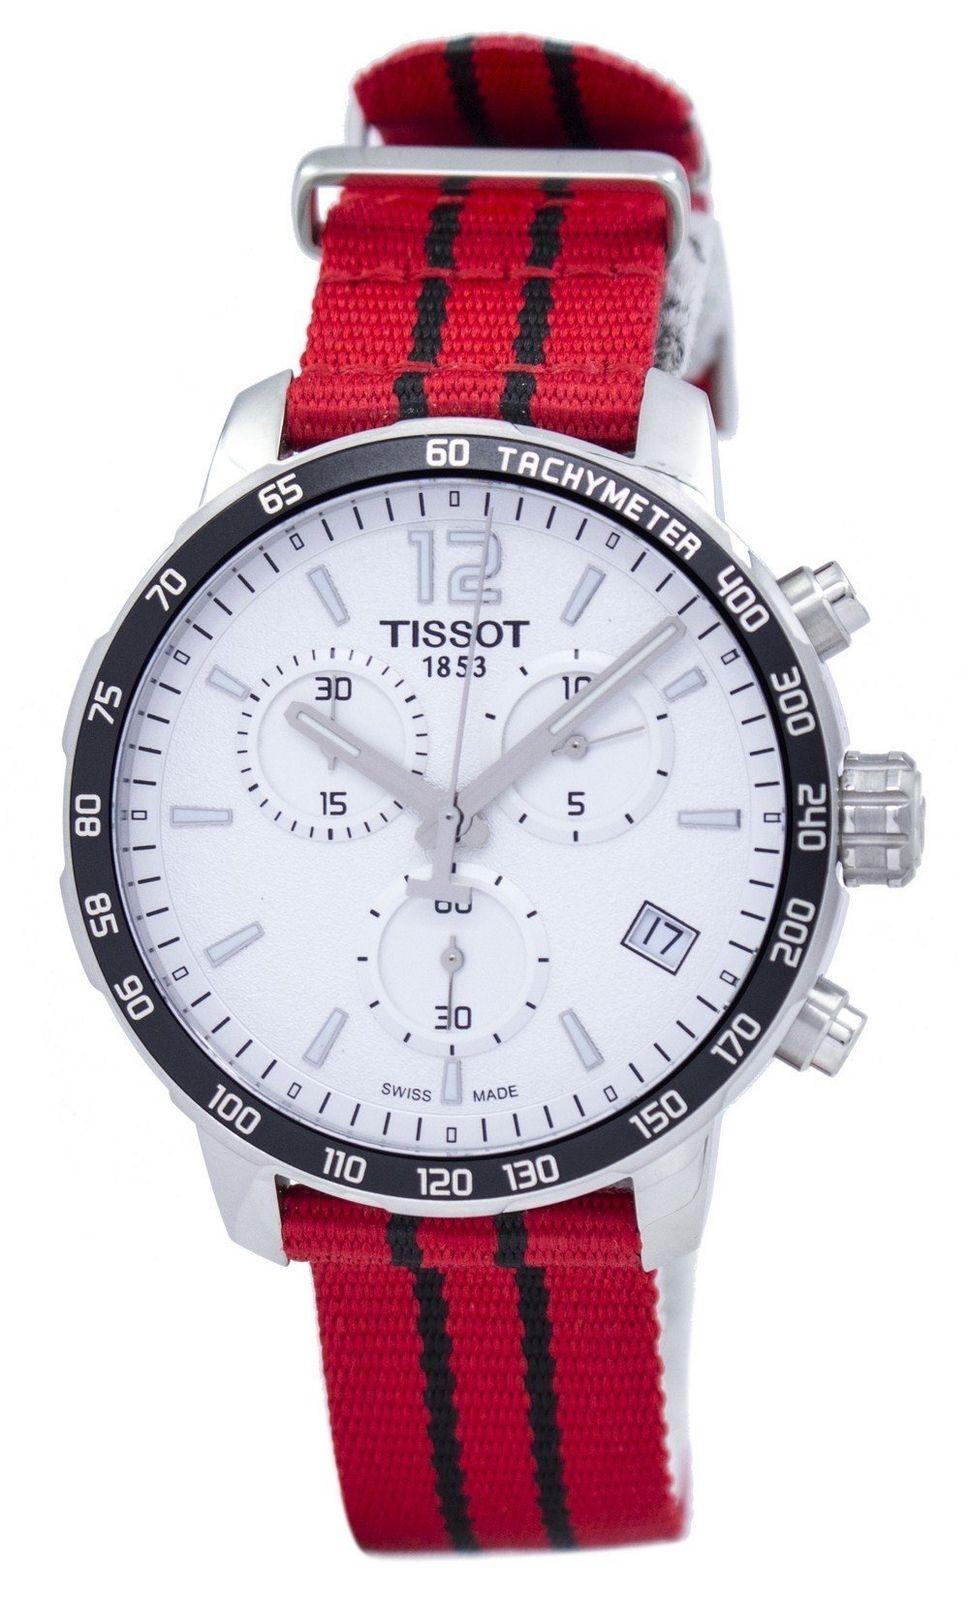 นาฬิกาผู้ชาย Tissot รุ่น T0954171703704, TISSOT QUICKSTER CHRONOGRAPH NBA CHICAGO BULLS